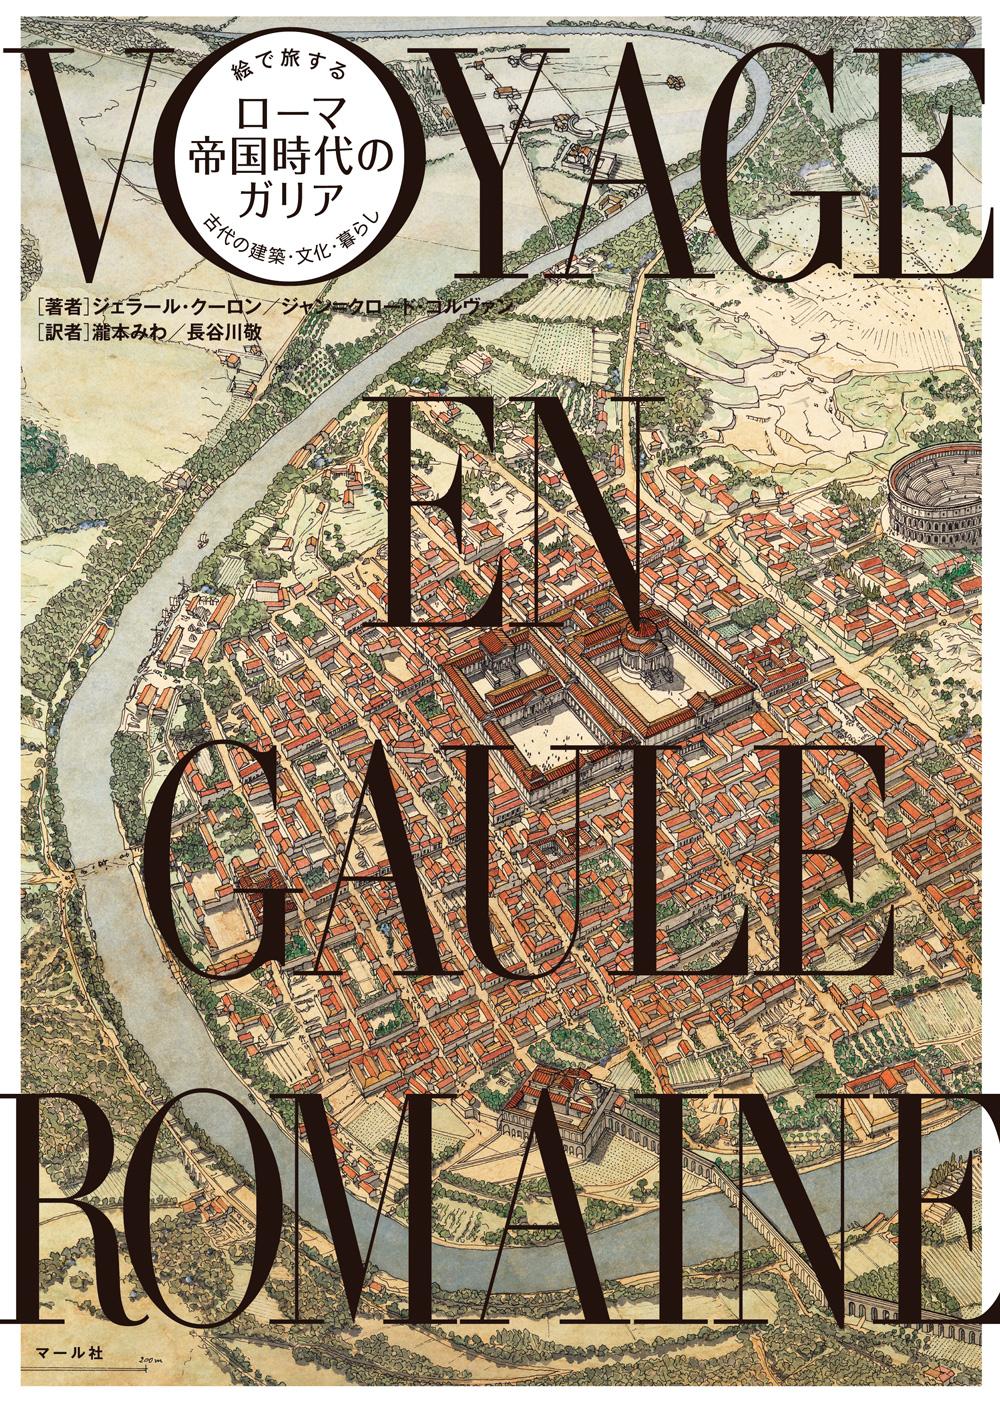 絵で旅するローマ帝国時代のガリア